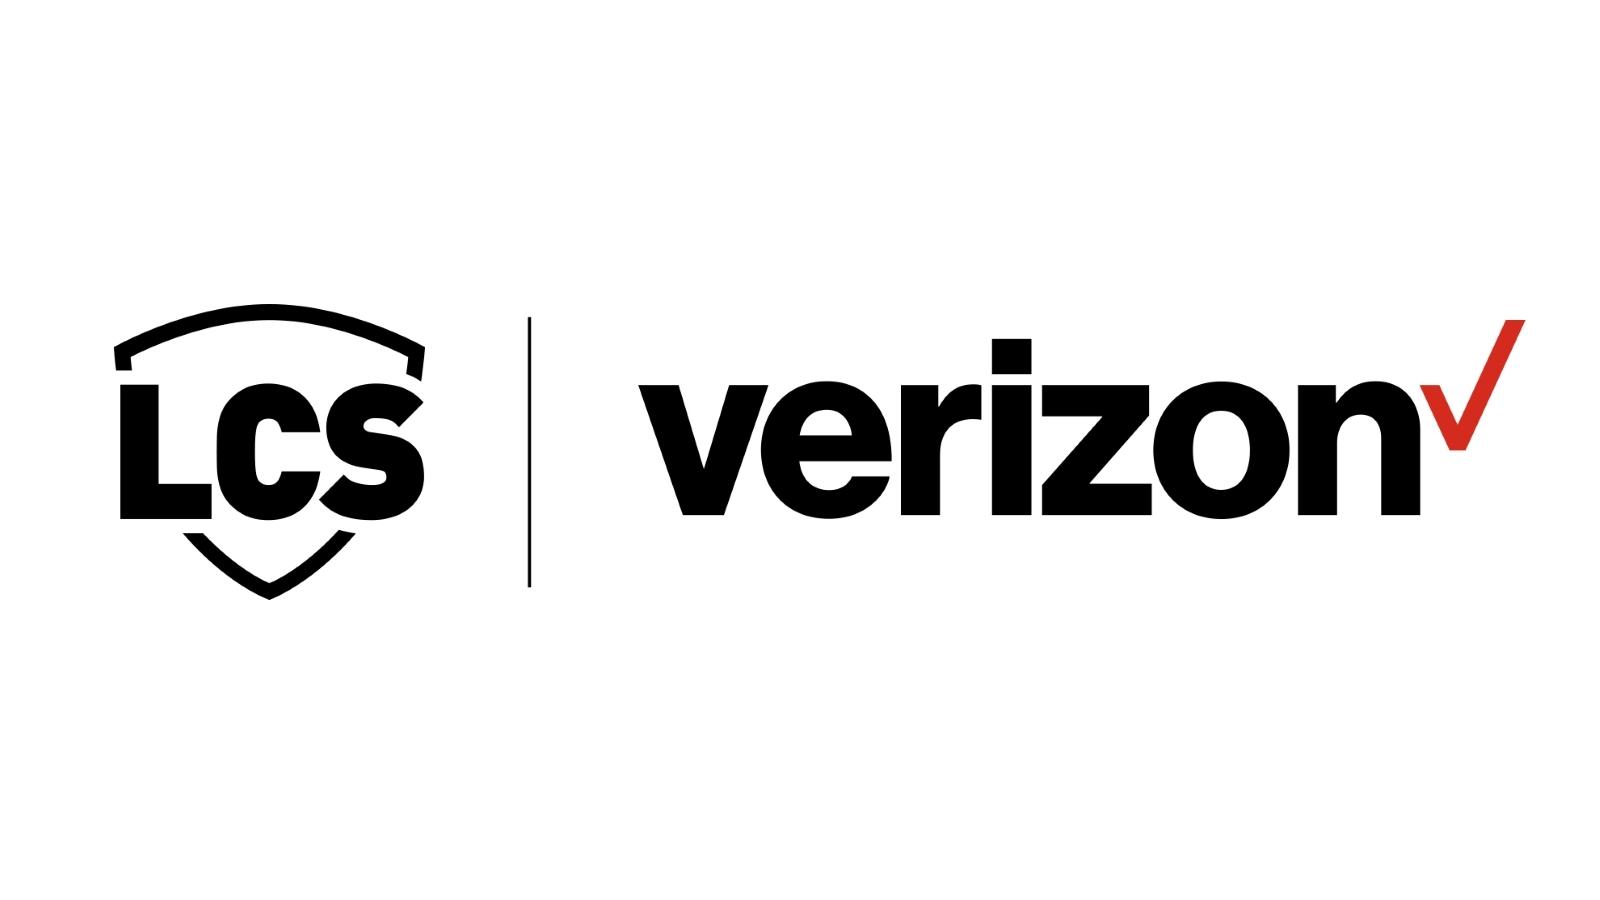 LCS Verizon